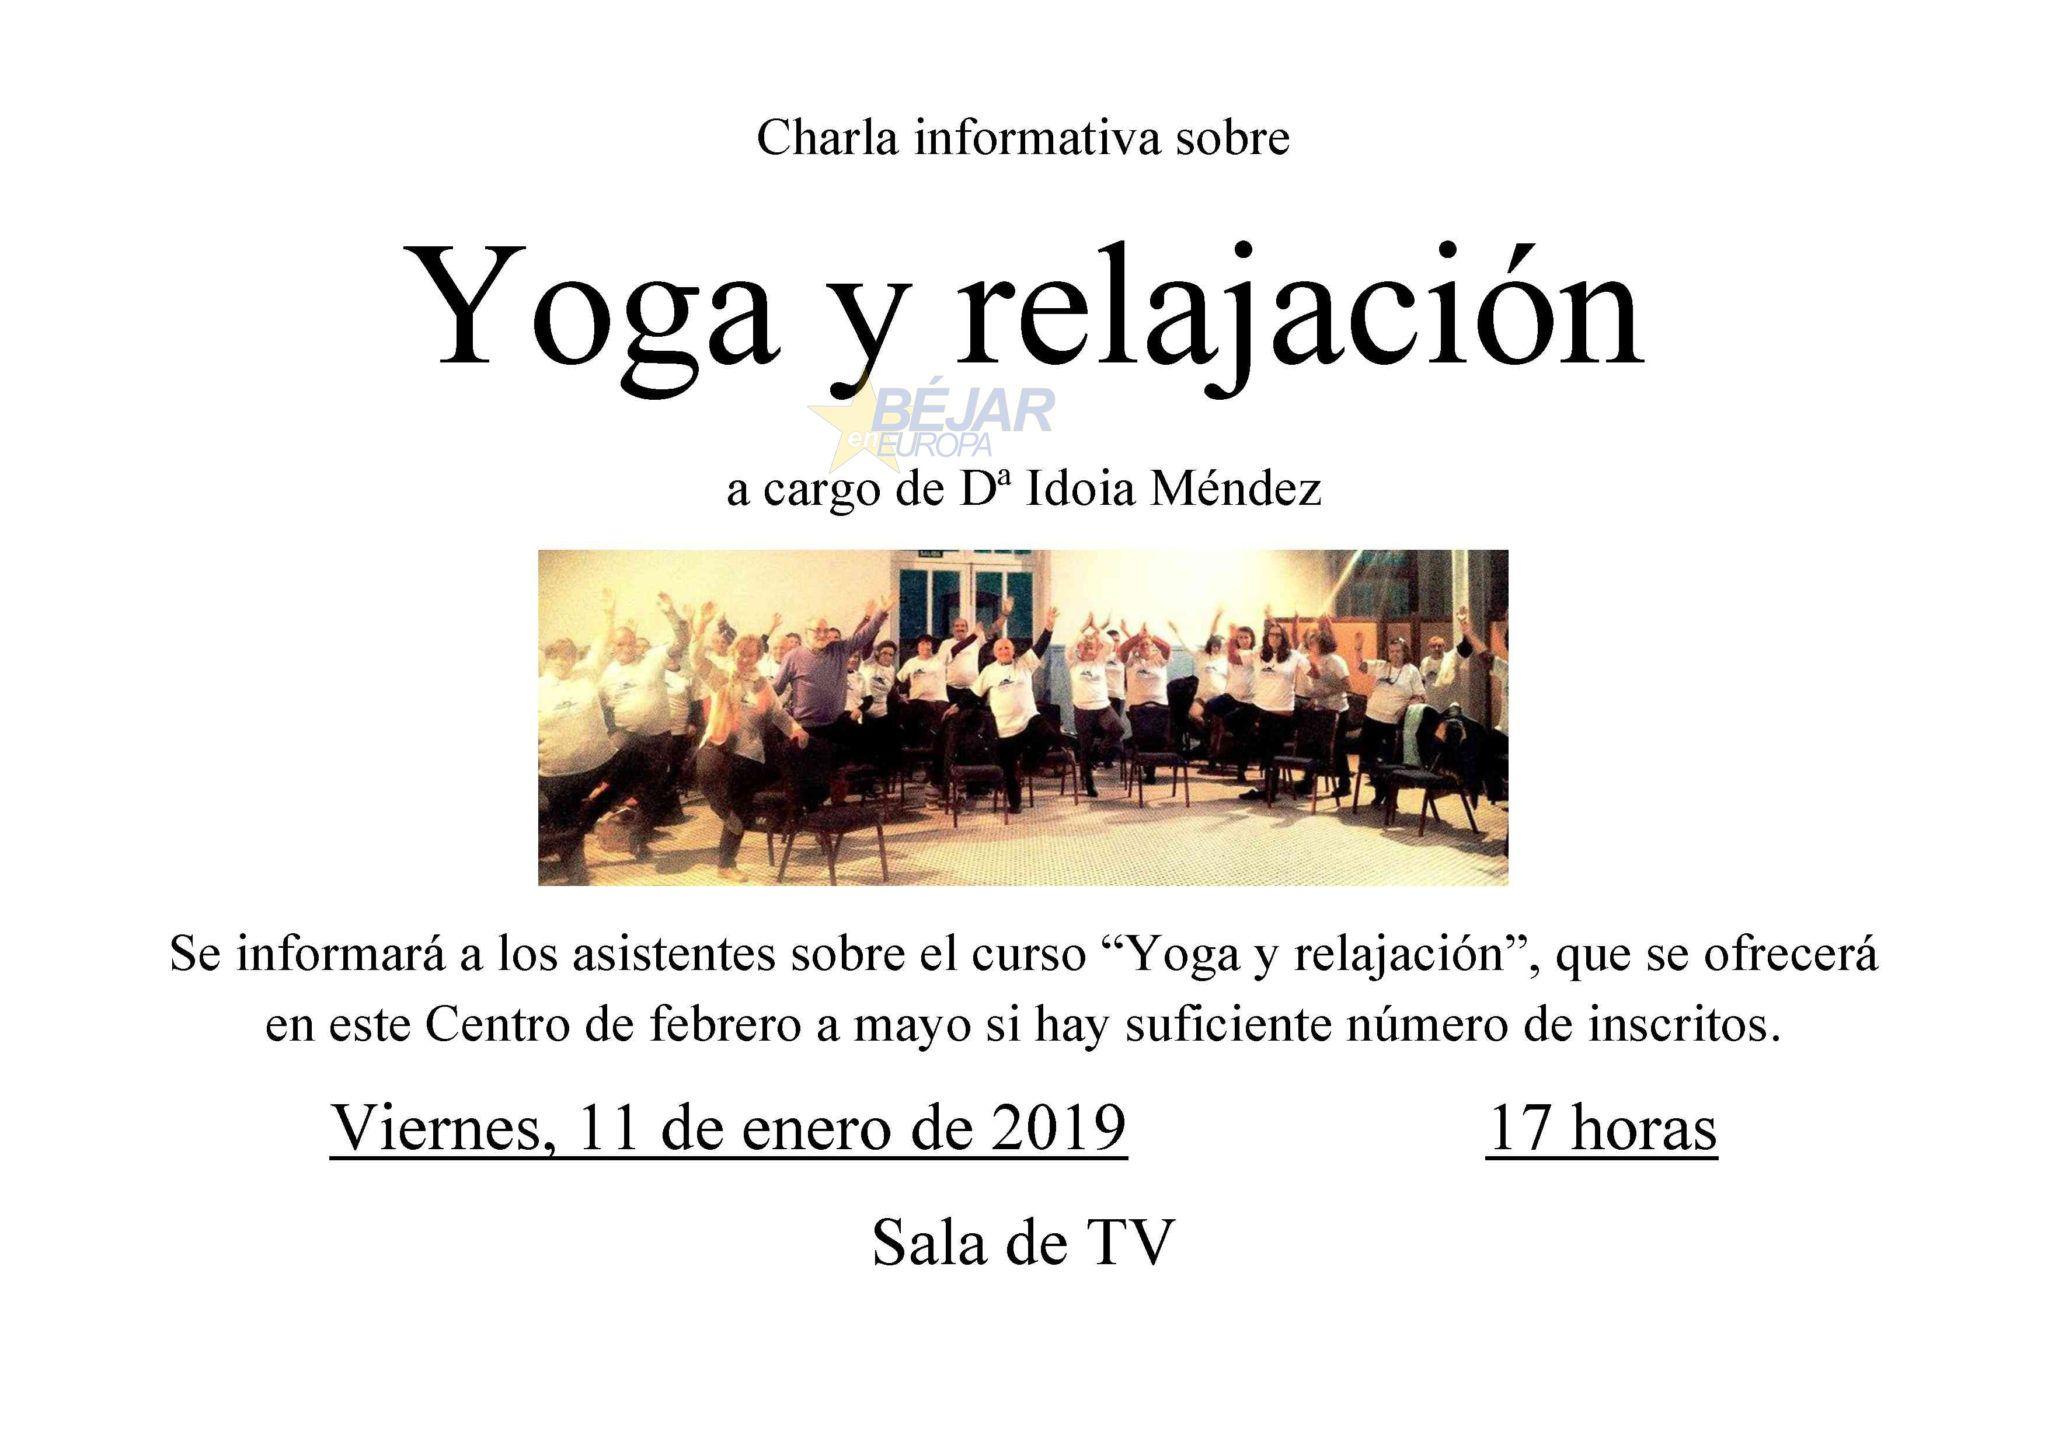 Charla informativa sobre Yoga y relajación